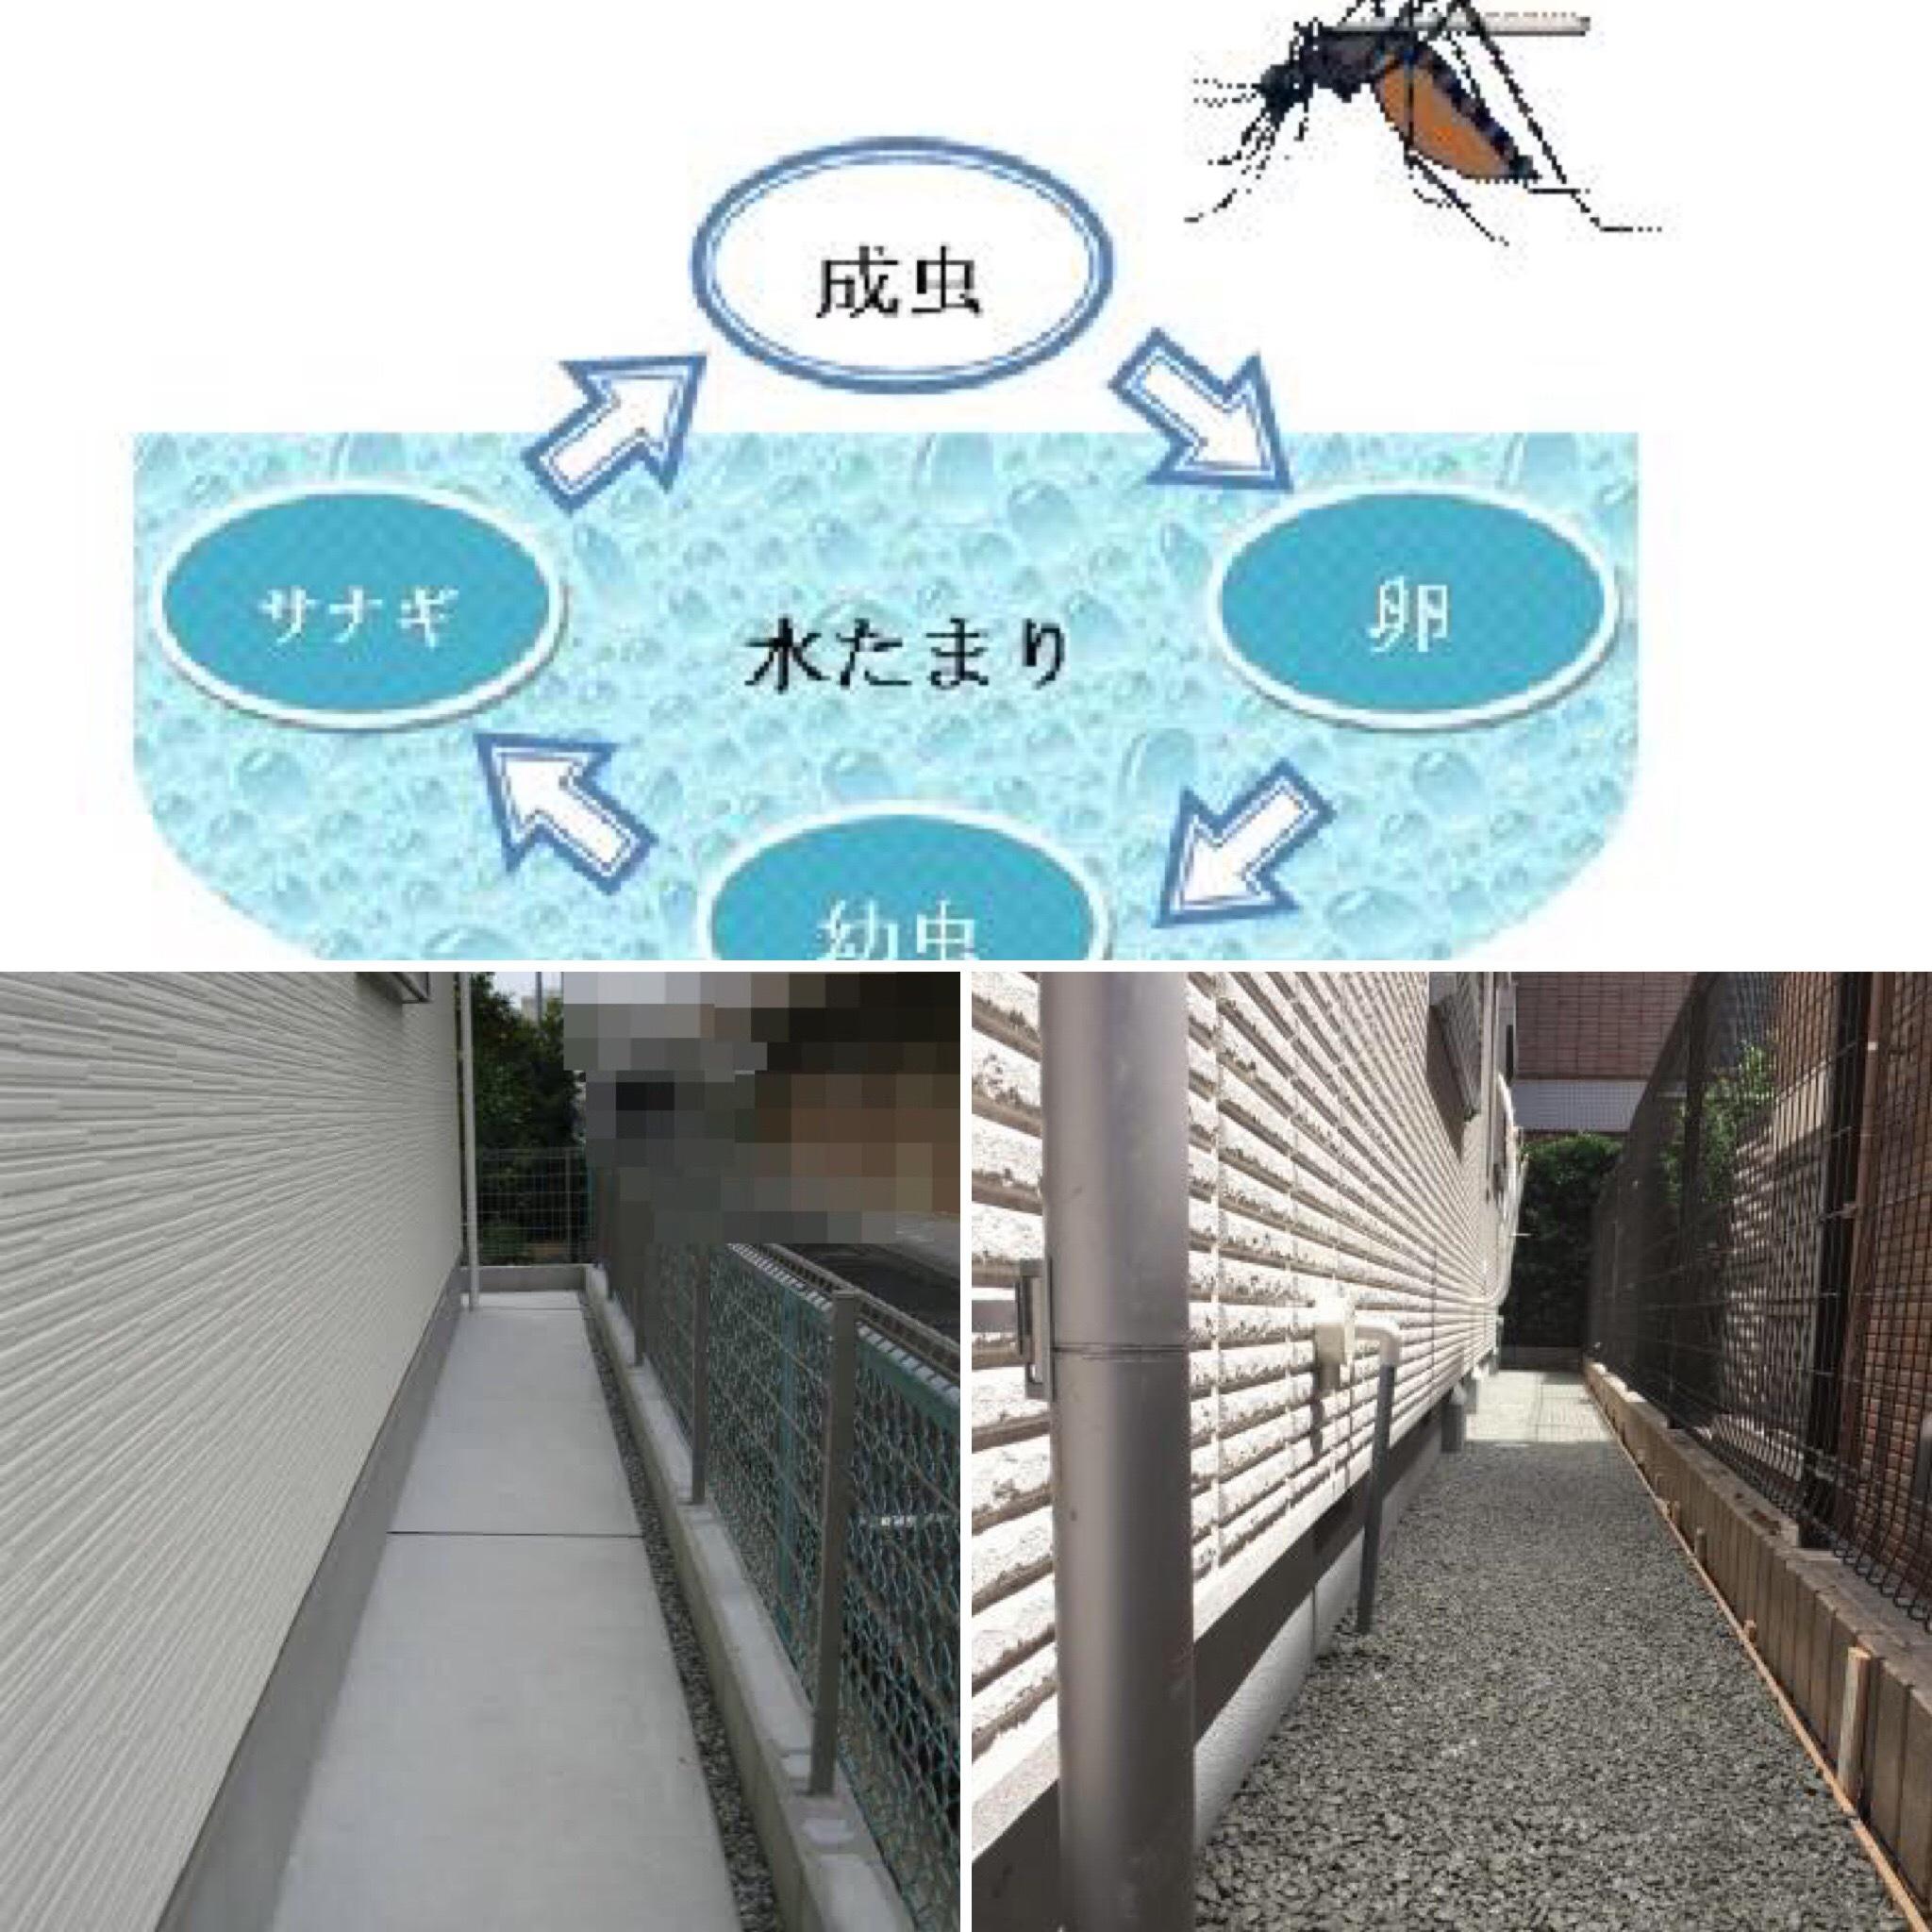 「この季節【蚊】に困っていませんか?」犬走りを透水性コンクリートにすることの意外な効用